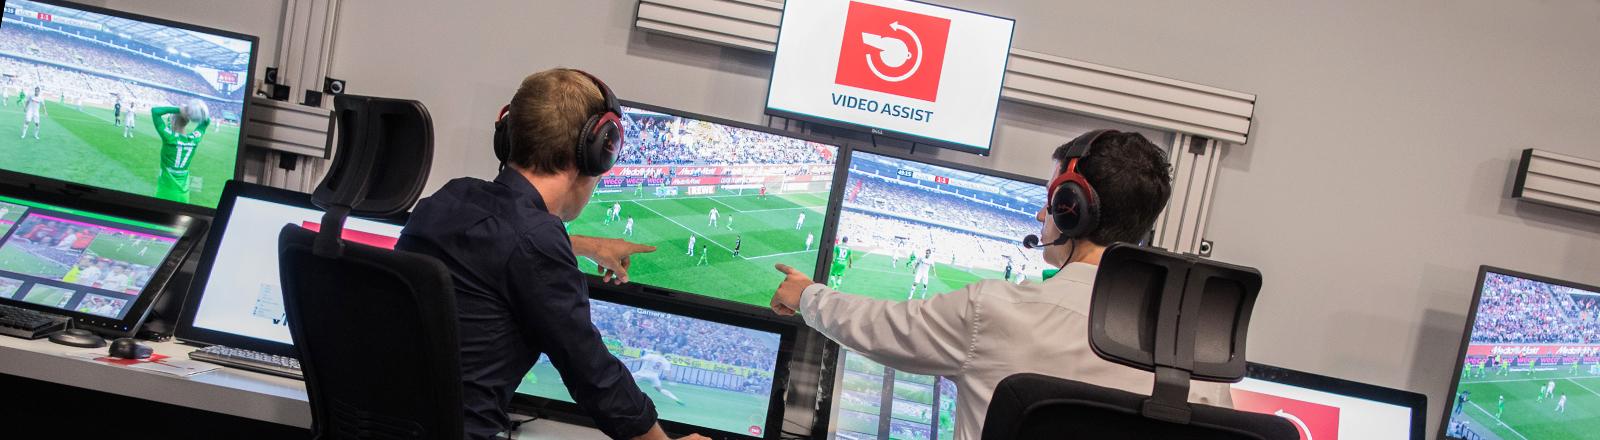 Schiedsrichter und Operator in einem Videoassistcenter